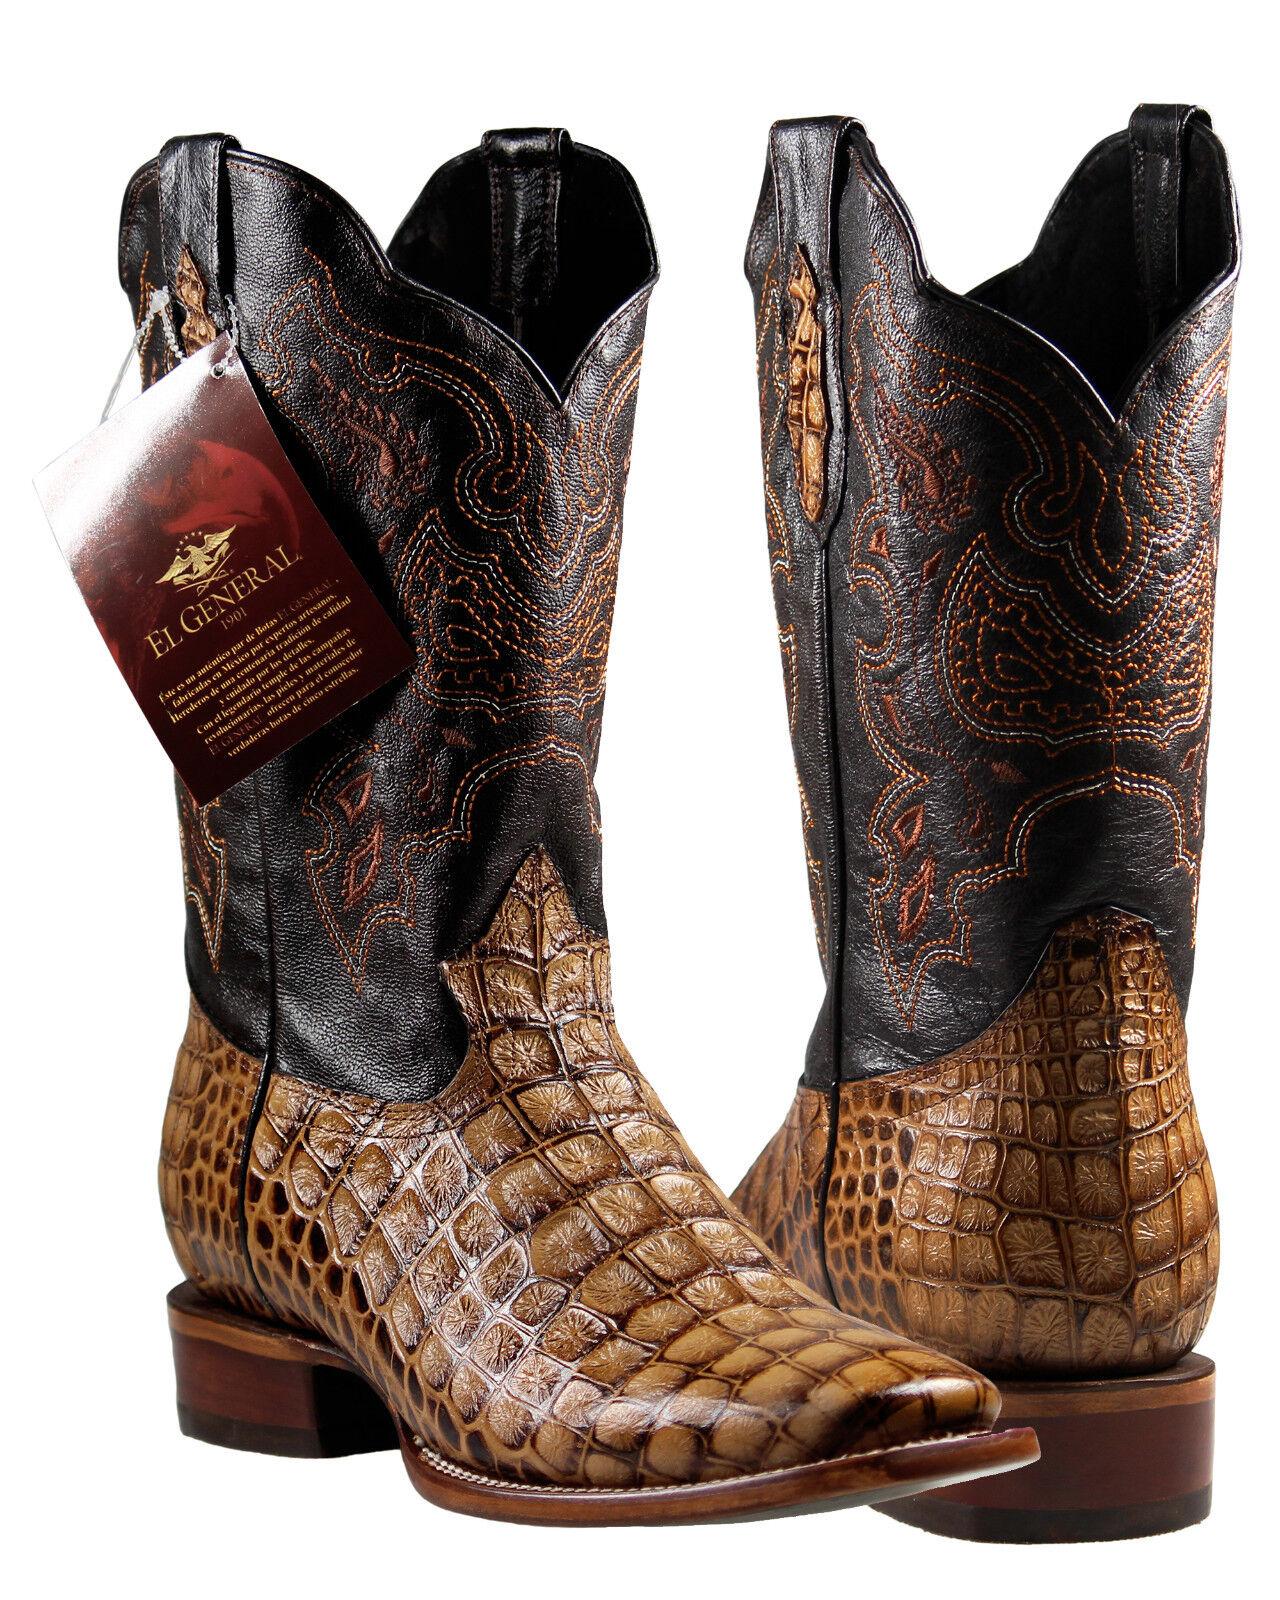 Men's Cowboy Rodeo Boots El General Caiman Print Cognac Imitacion Caiman